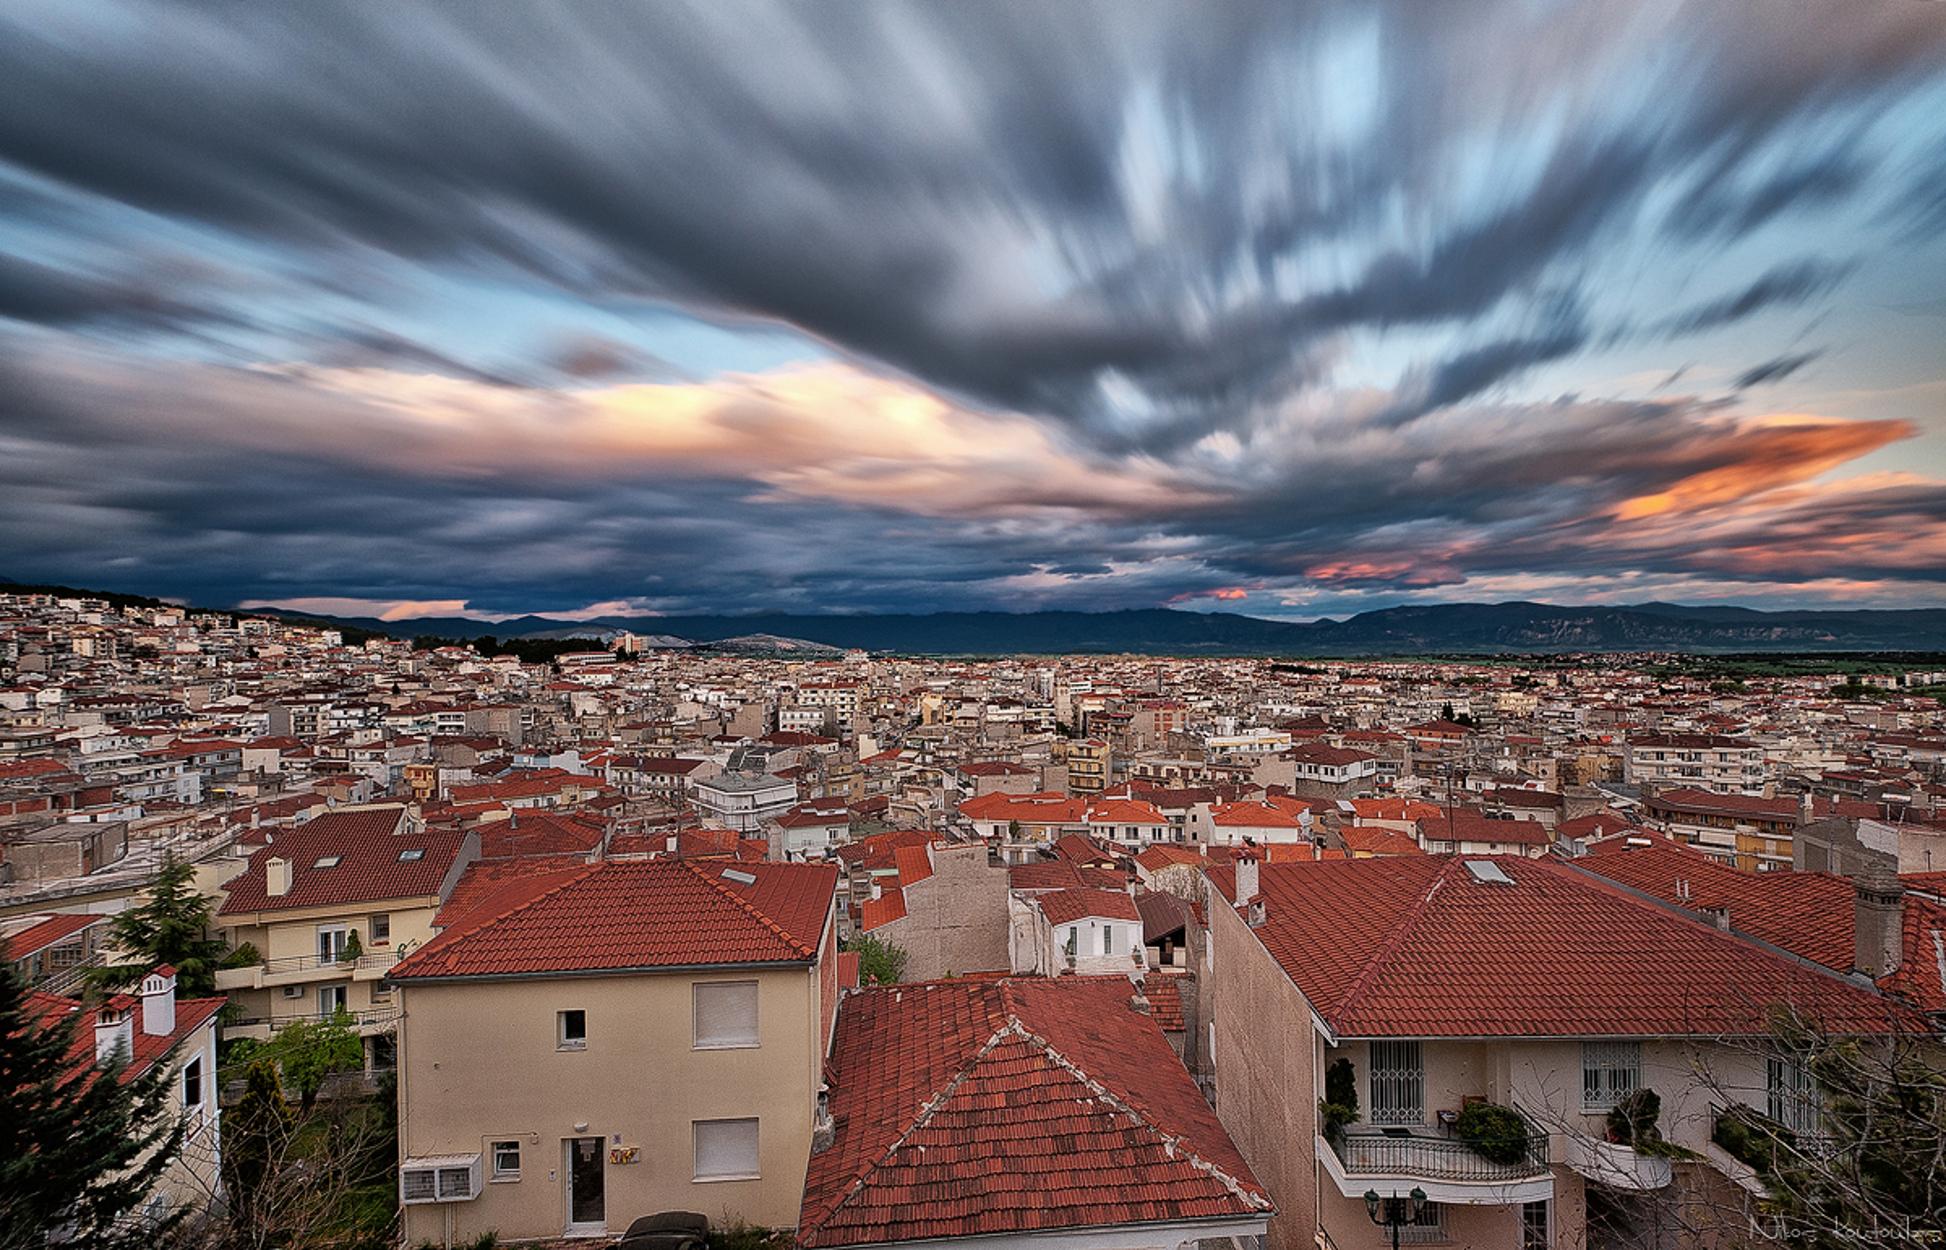 Παράξενο φωτεινό αντικείμενο στο ουρανό της Κοζάνης! Αναστάτωση στους κατοίκους (video)